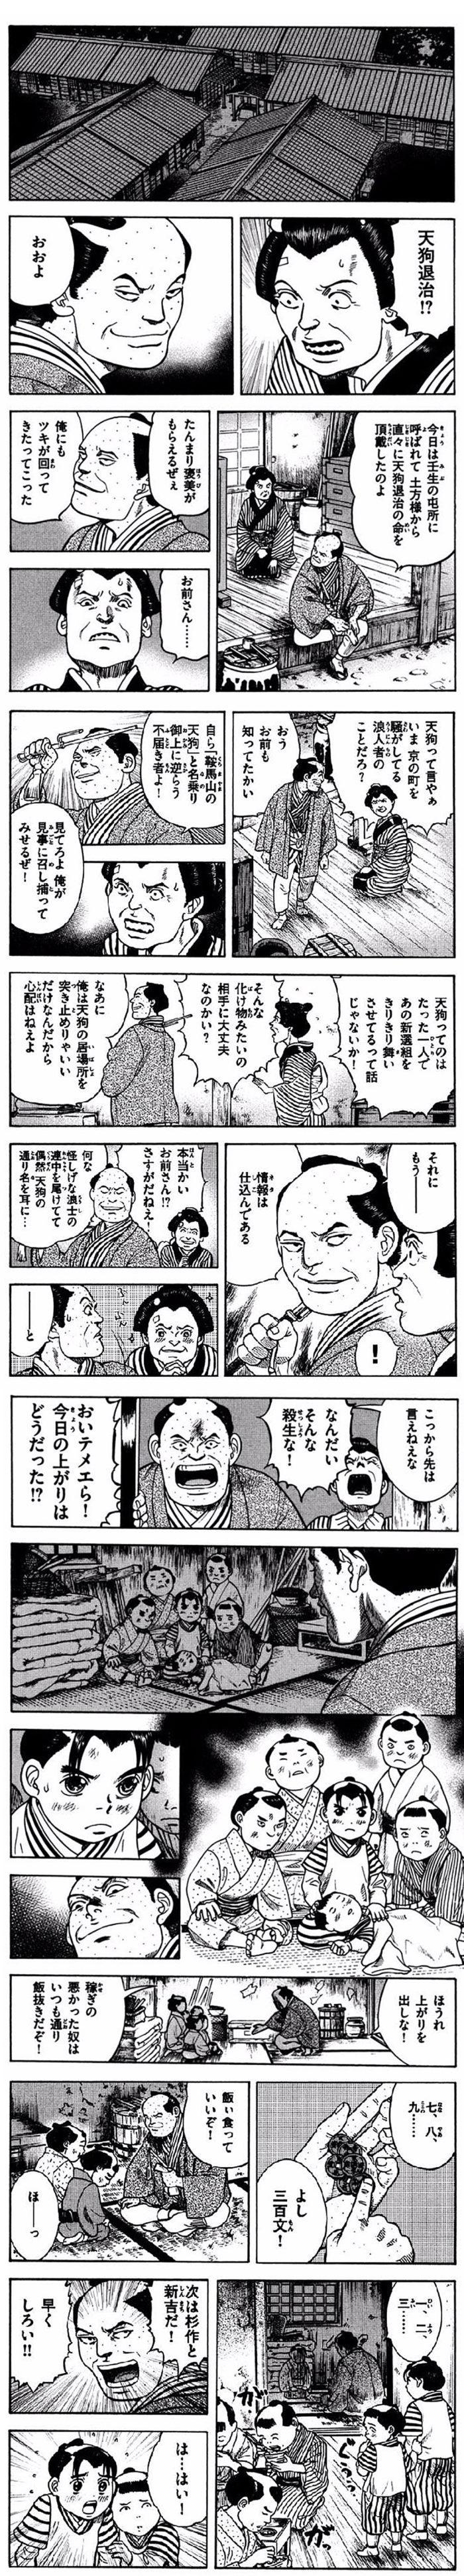 kurama-03-011